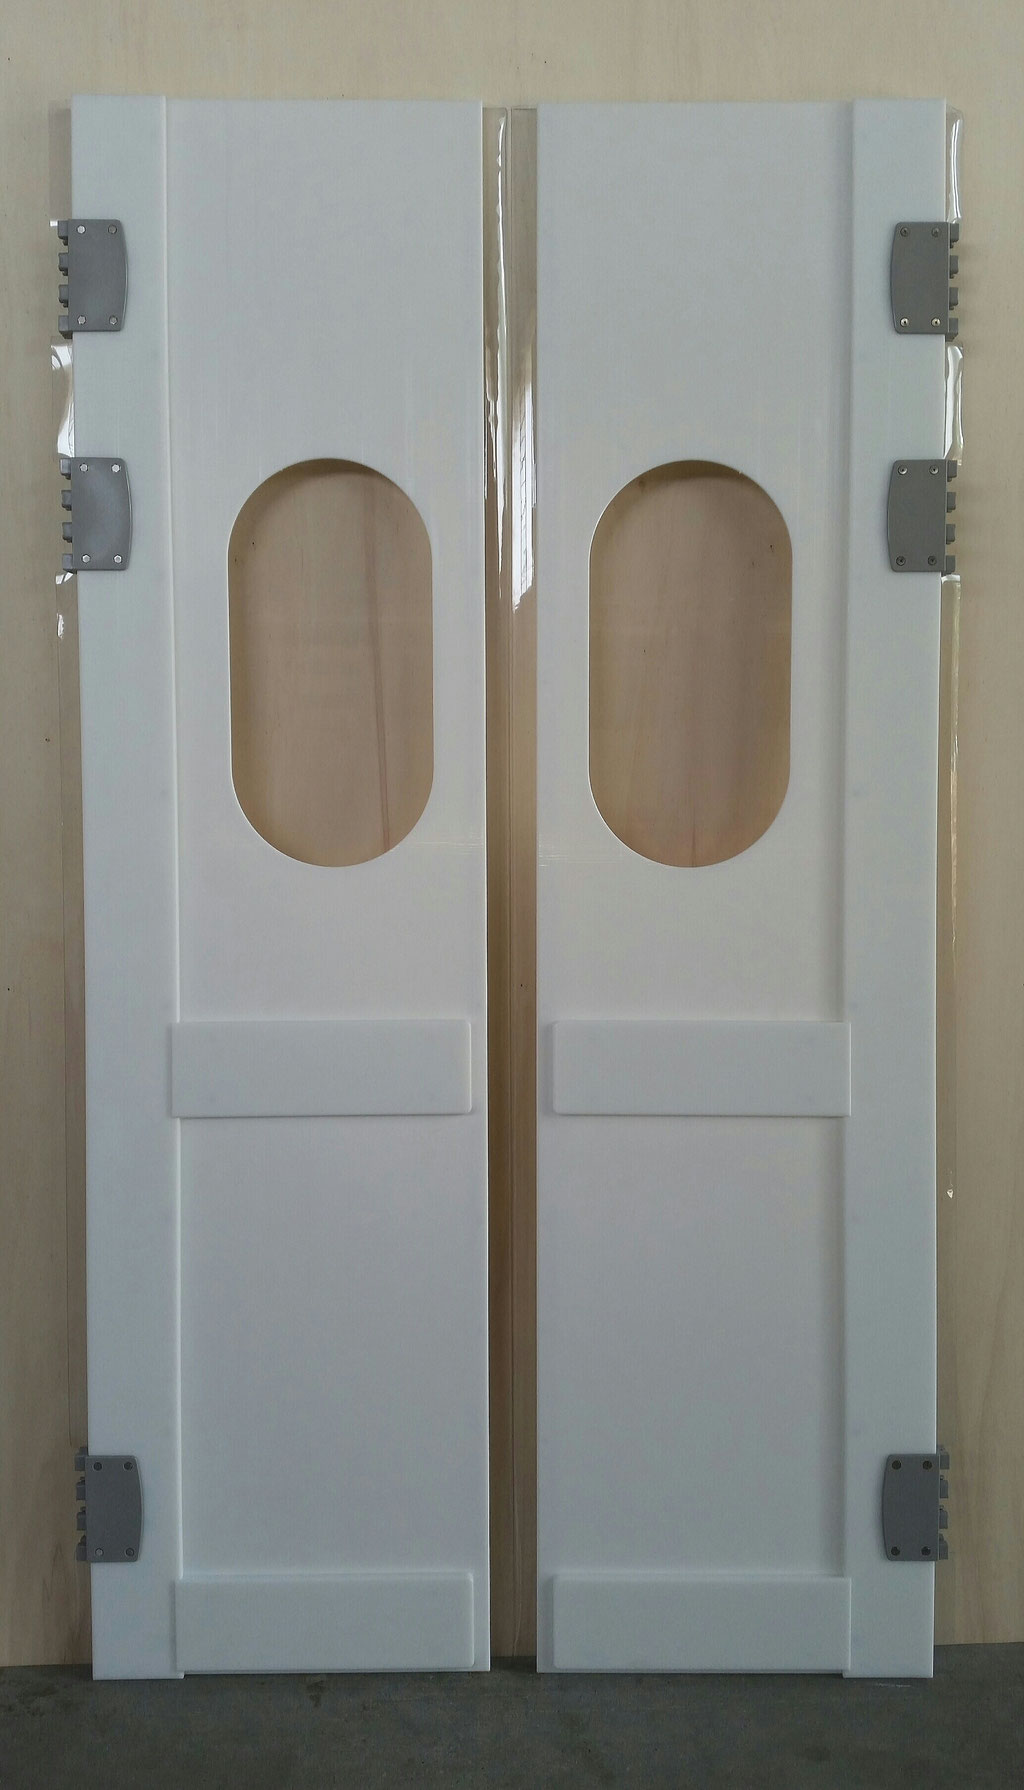 Porta polietilene va-vieni per celle frigo